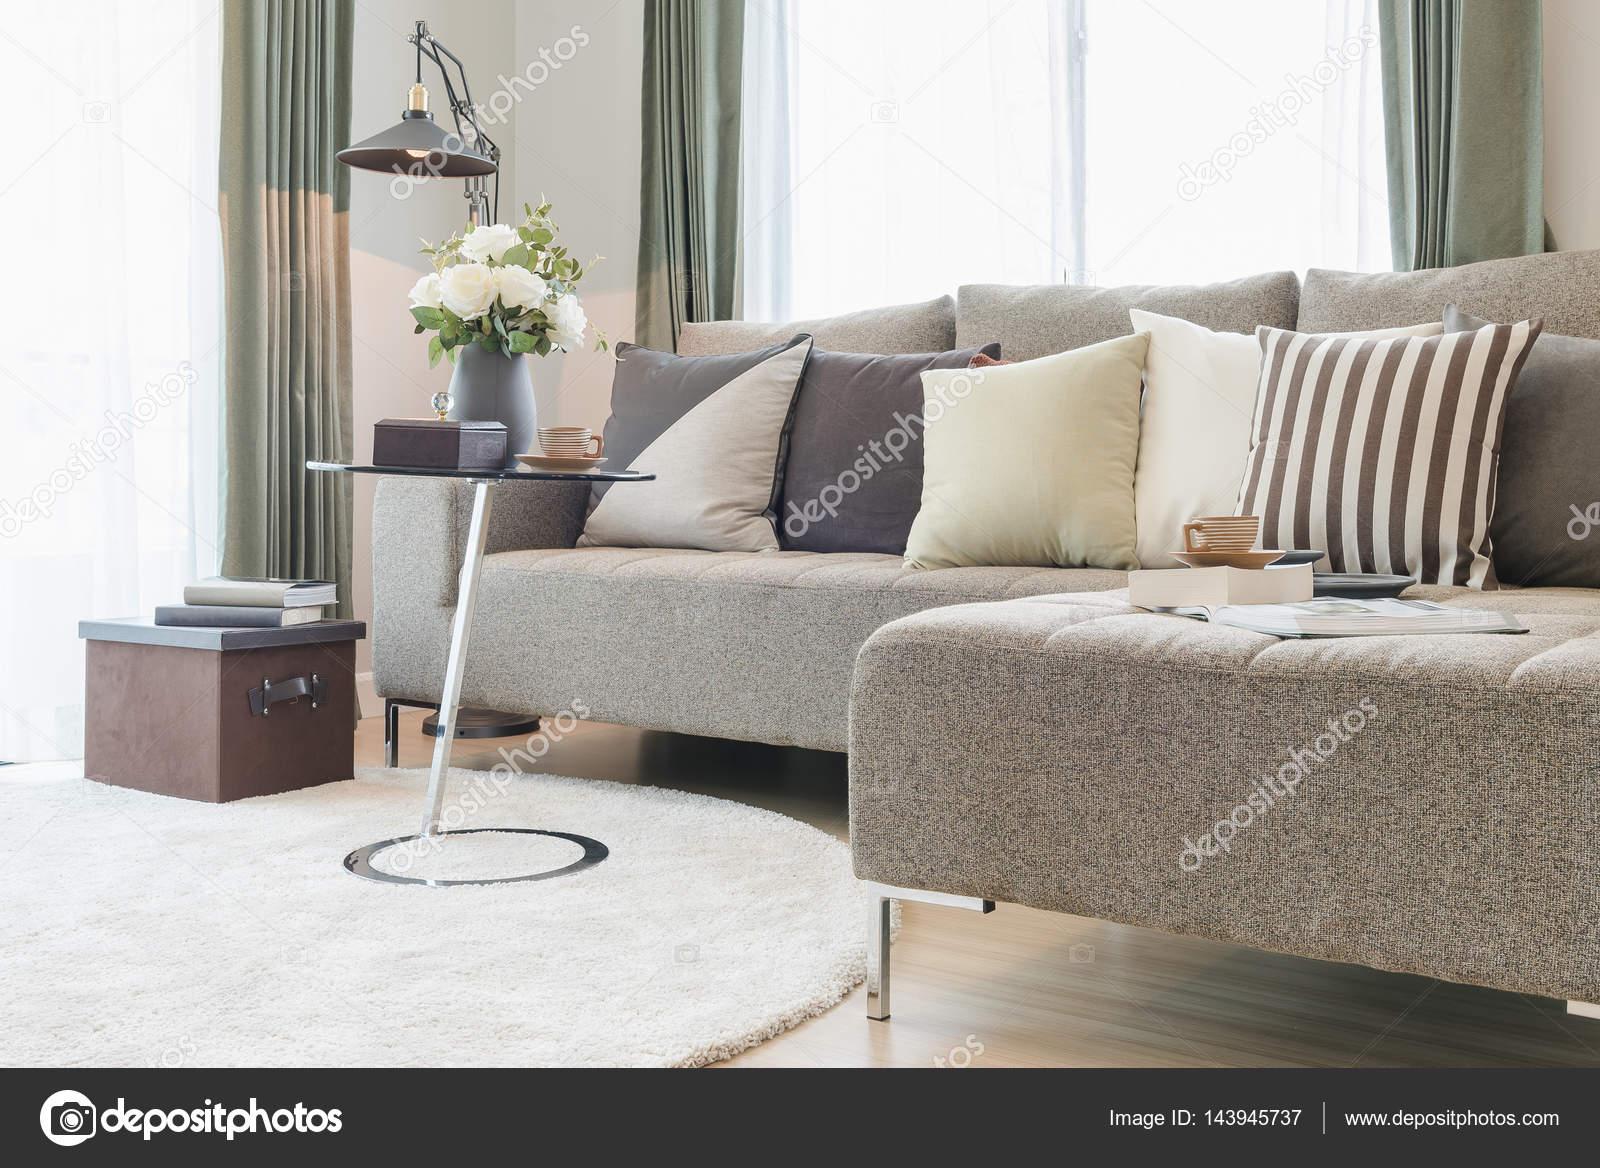 https://st3.depositphotos.com/4221109/14394/i/1600/depositphotos_143945737-stockafbeelding-ronde-glazen-tafel-met-zitbank.jpg